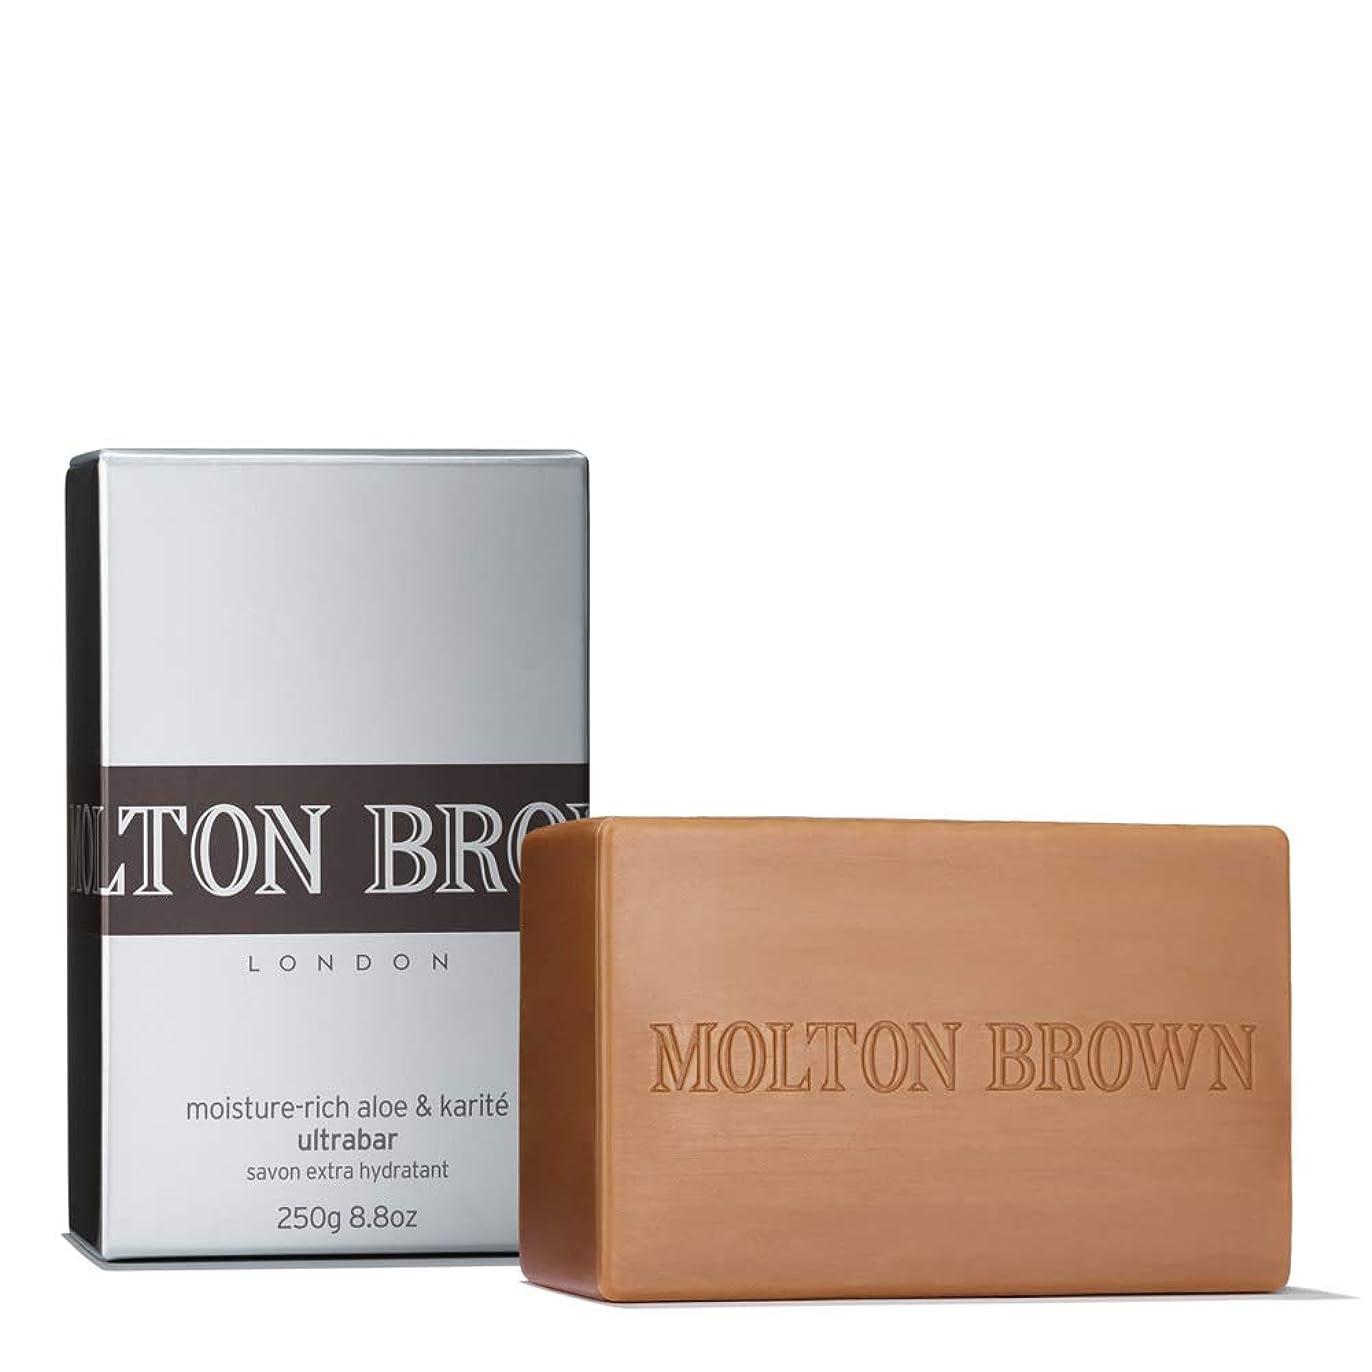 感染する低い医学MOLTON BROWN(モルトンブラウン) モイスチャーリッチ アロエ&カリテ ウルトラバー